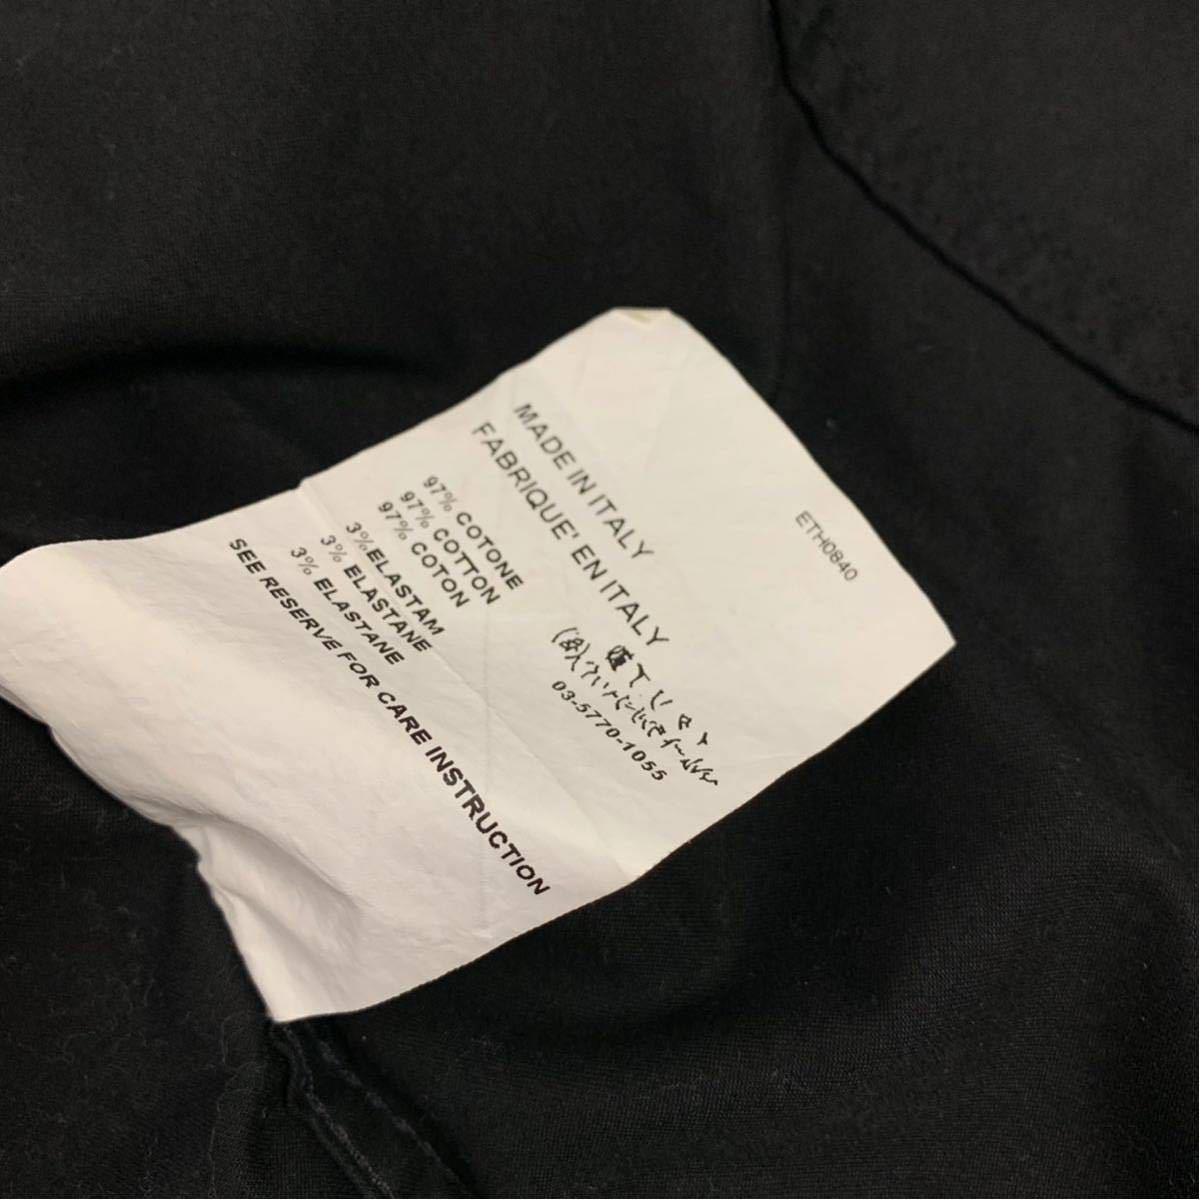 Helmut Lang 初期 ペンキペイント ジャケット コットン ブラック ヘルムートラング イタリア製 本人期 アーカイブ 1円スタート メンズ_画像9